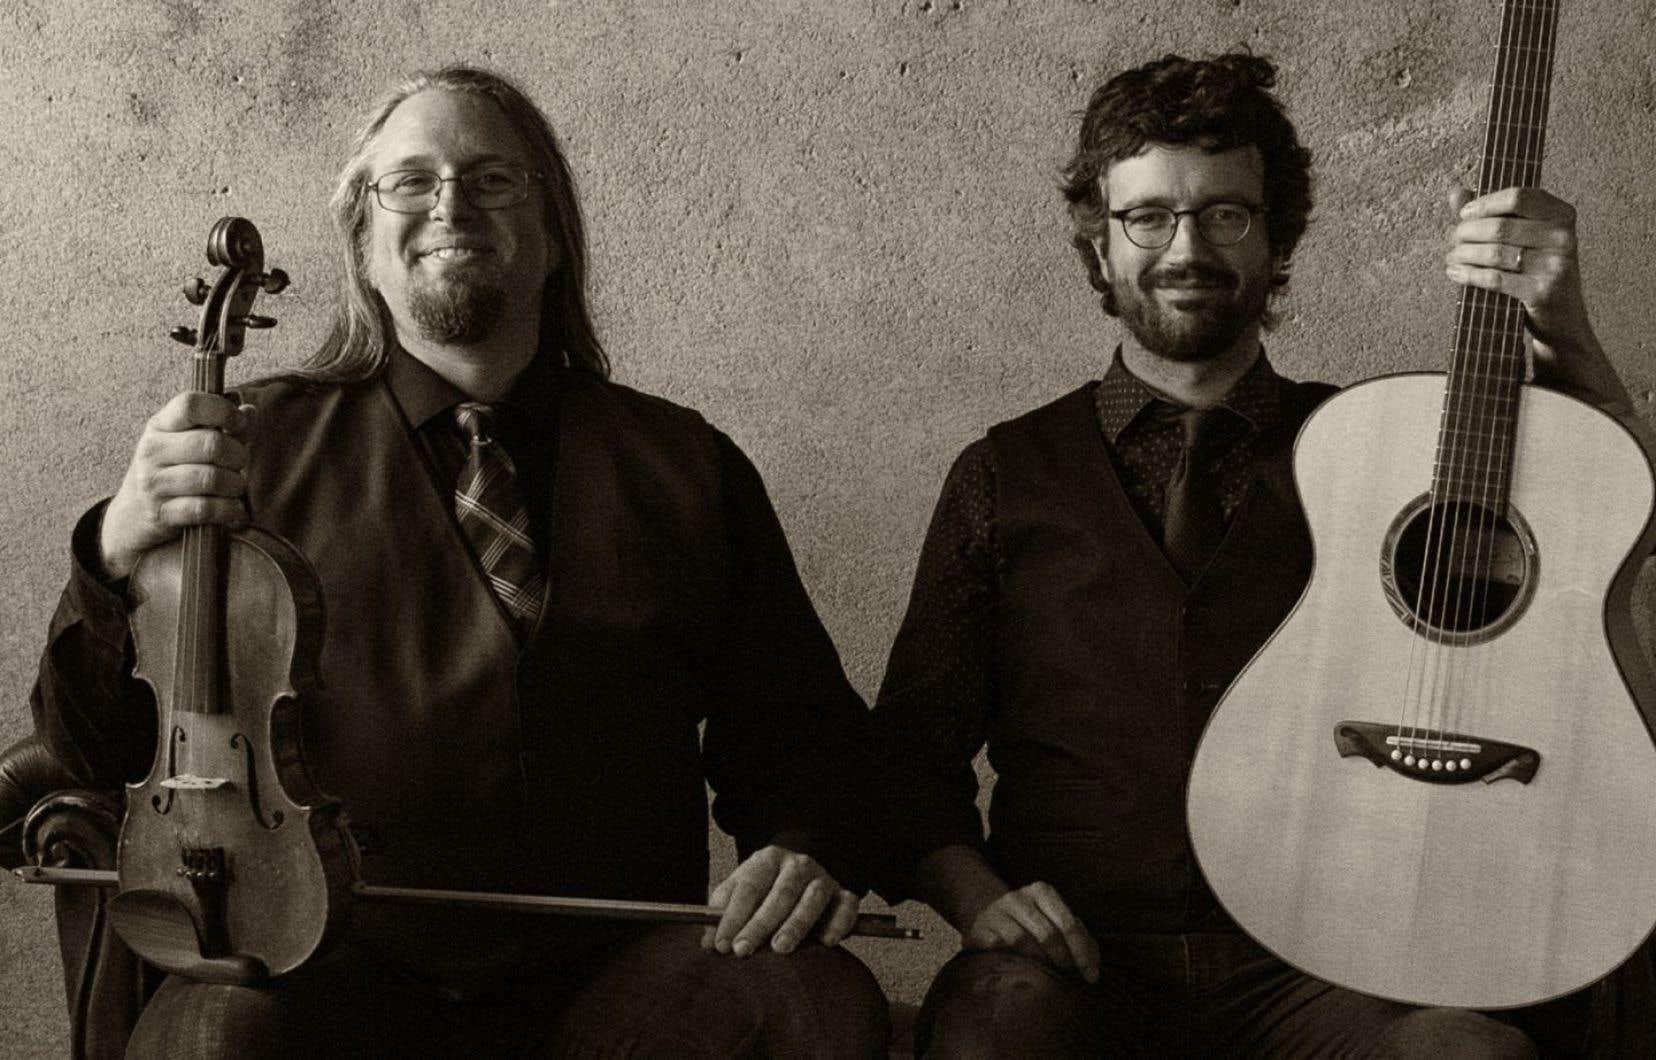 Les membres de Genticorum, Pascal Gemme et Yann Falquet, sont les deux principaux ambassadeurs de la musique trad québécoise.